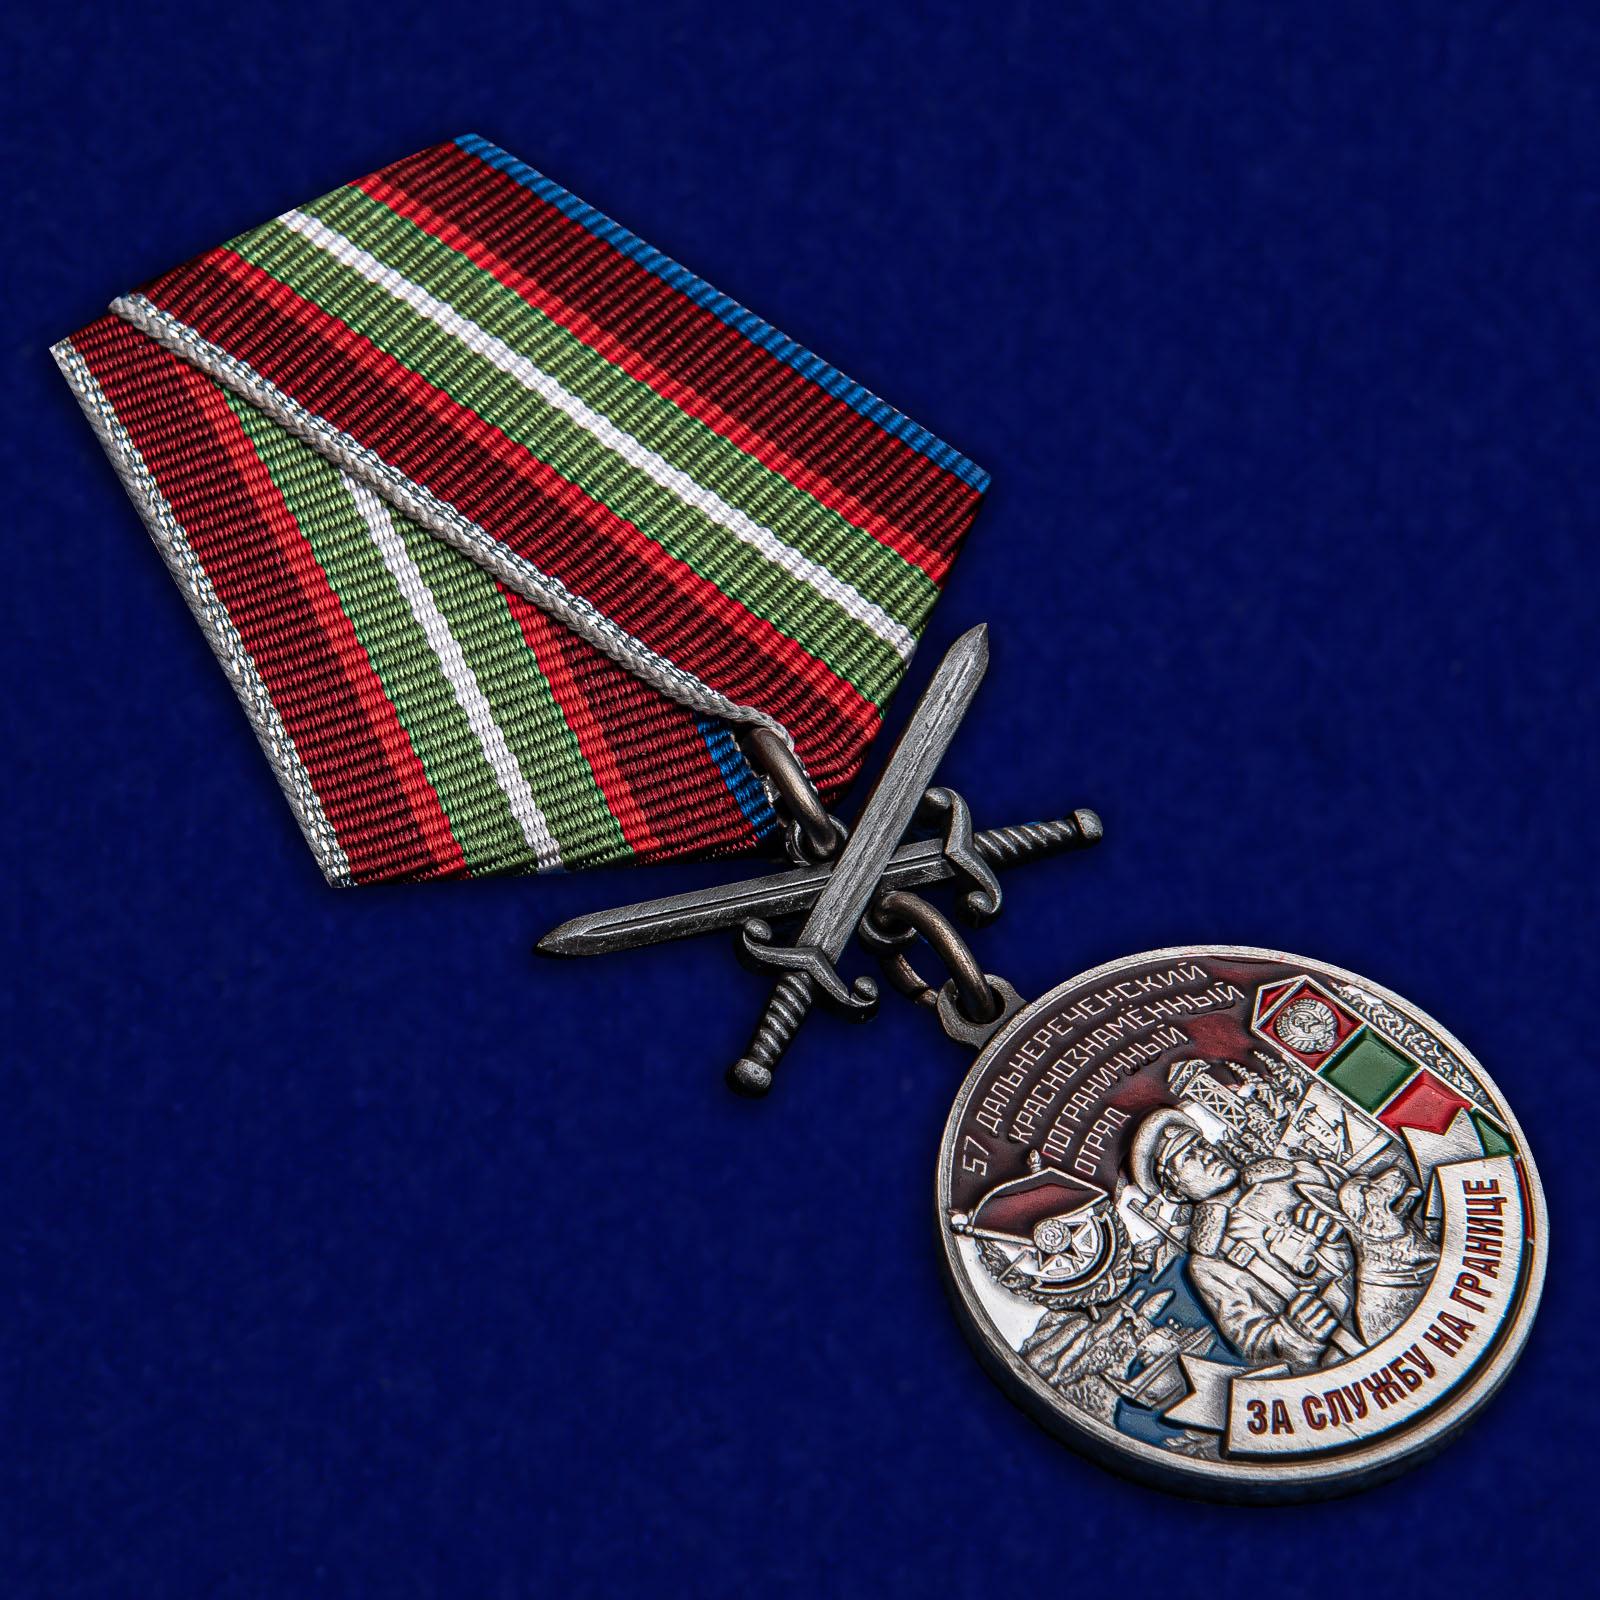 """Купить медаль """"За службу в Дальнереченском пограничном отряде"""""""